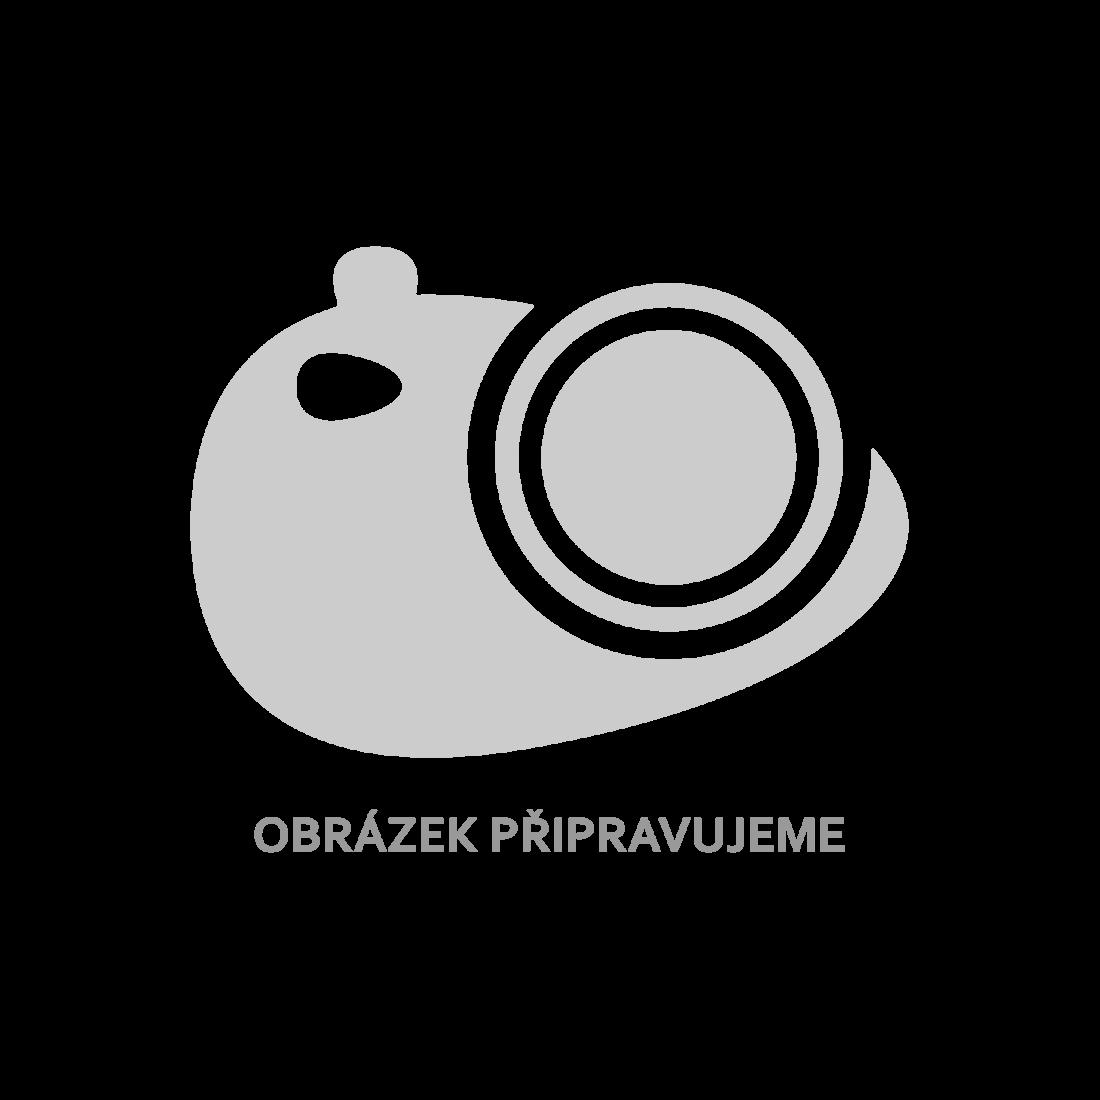 vidaXL TV stolek bílý 142,5 x 35 x 36,5 cm dřevotříska [805543]